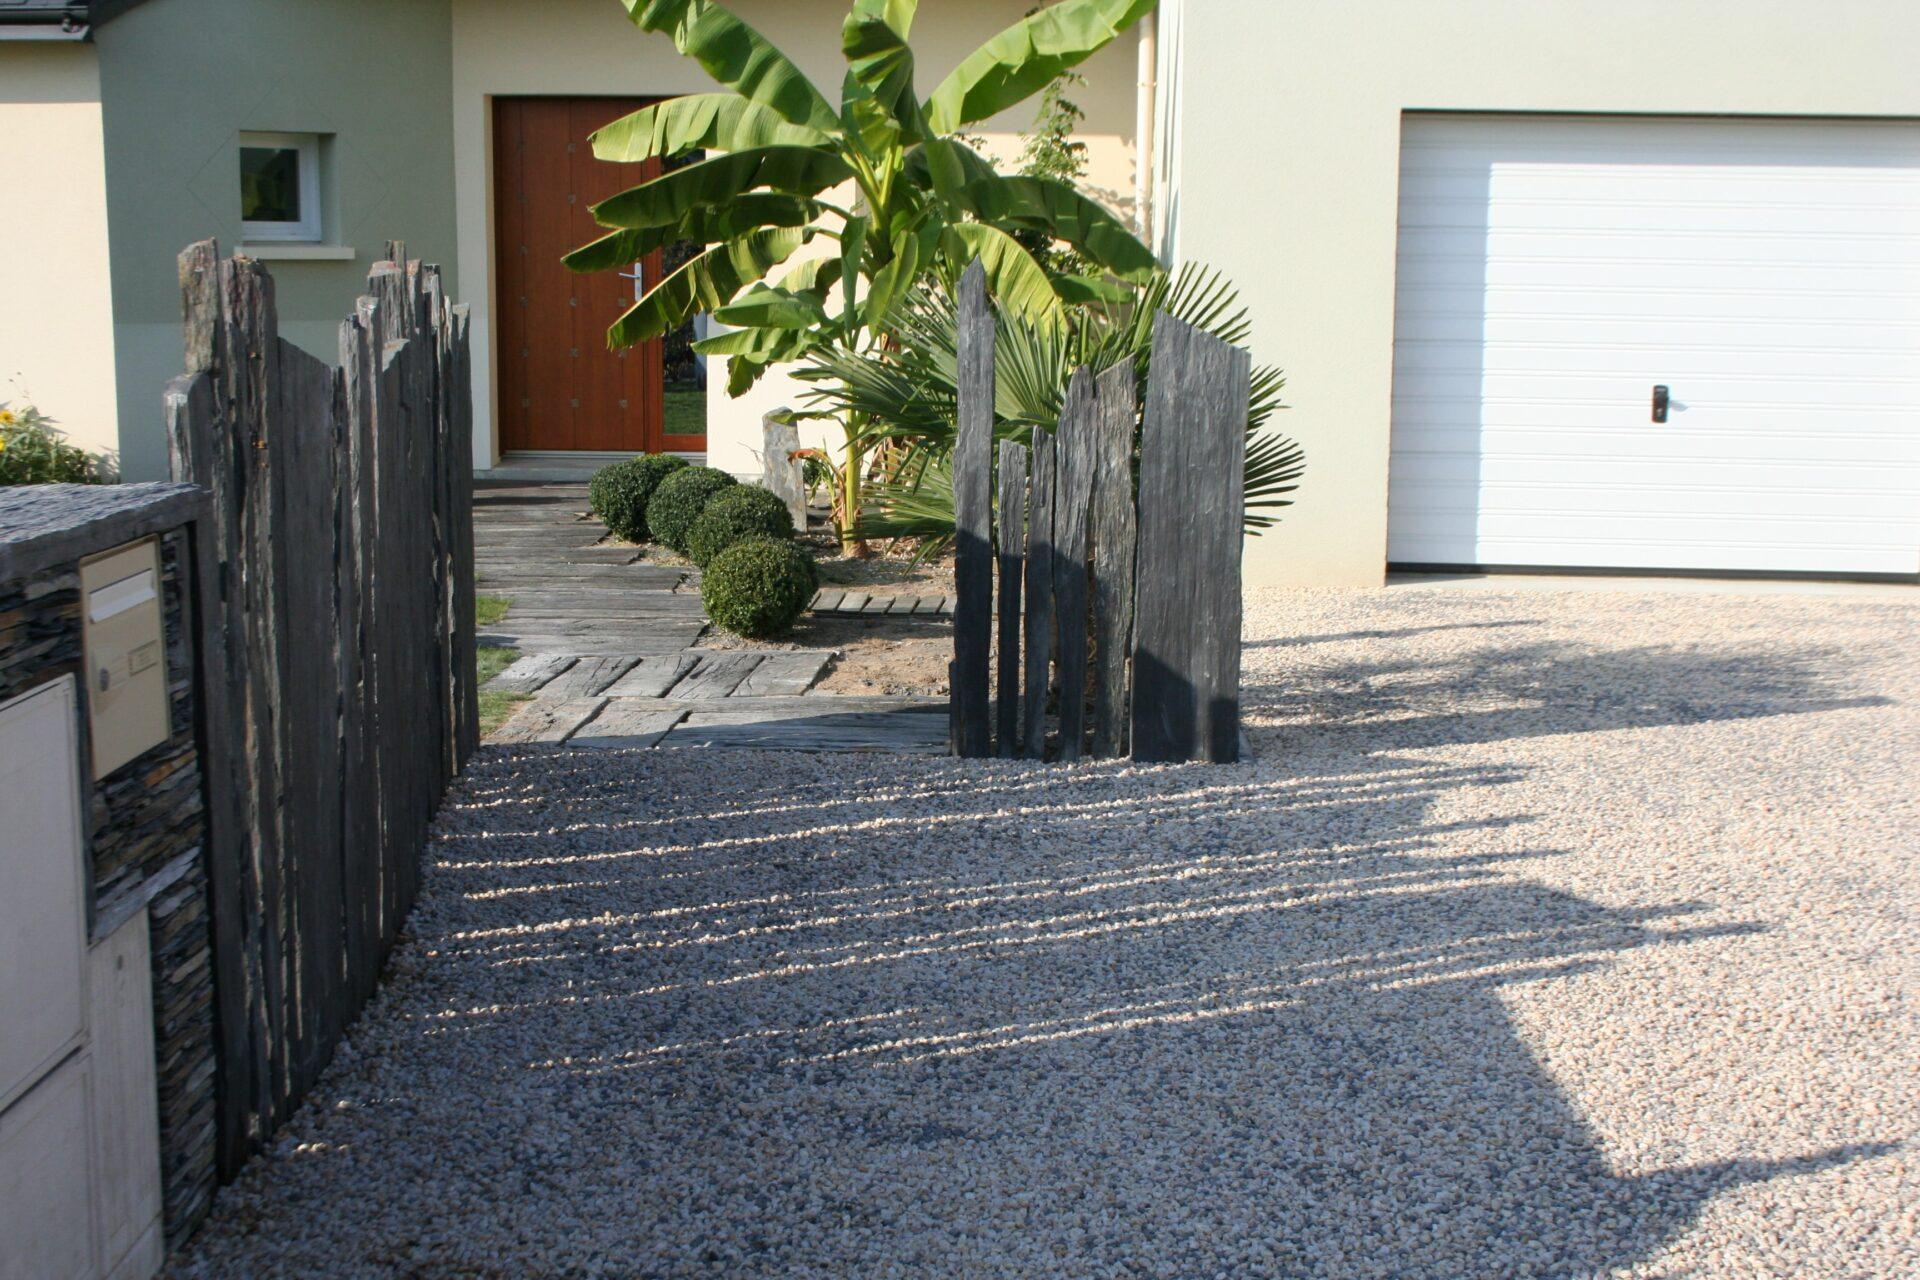 Aménagement d'une allée devant une maison avec des graviers, des paravents en pierres et des dalles devant la porte d'entrée par Aux 1001 Saisons